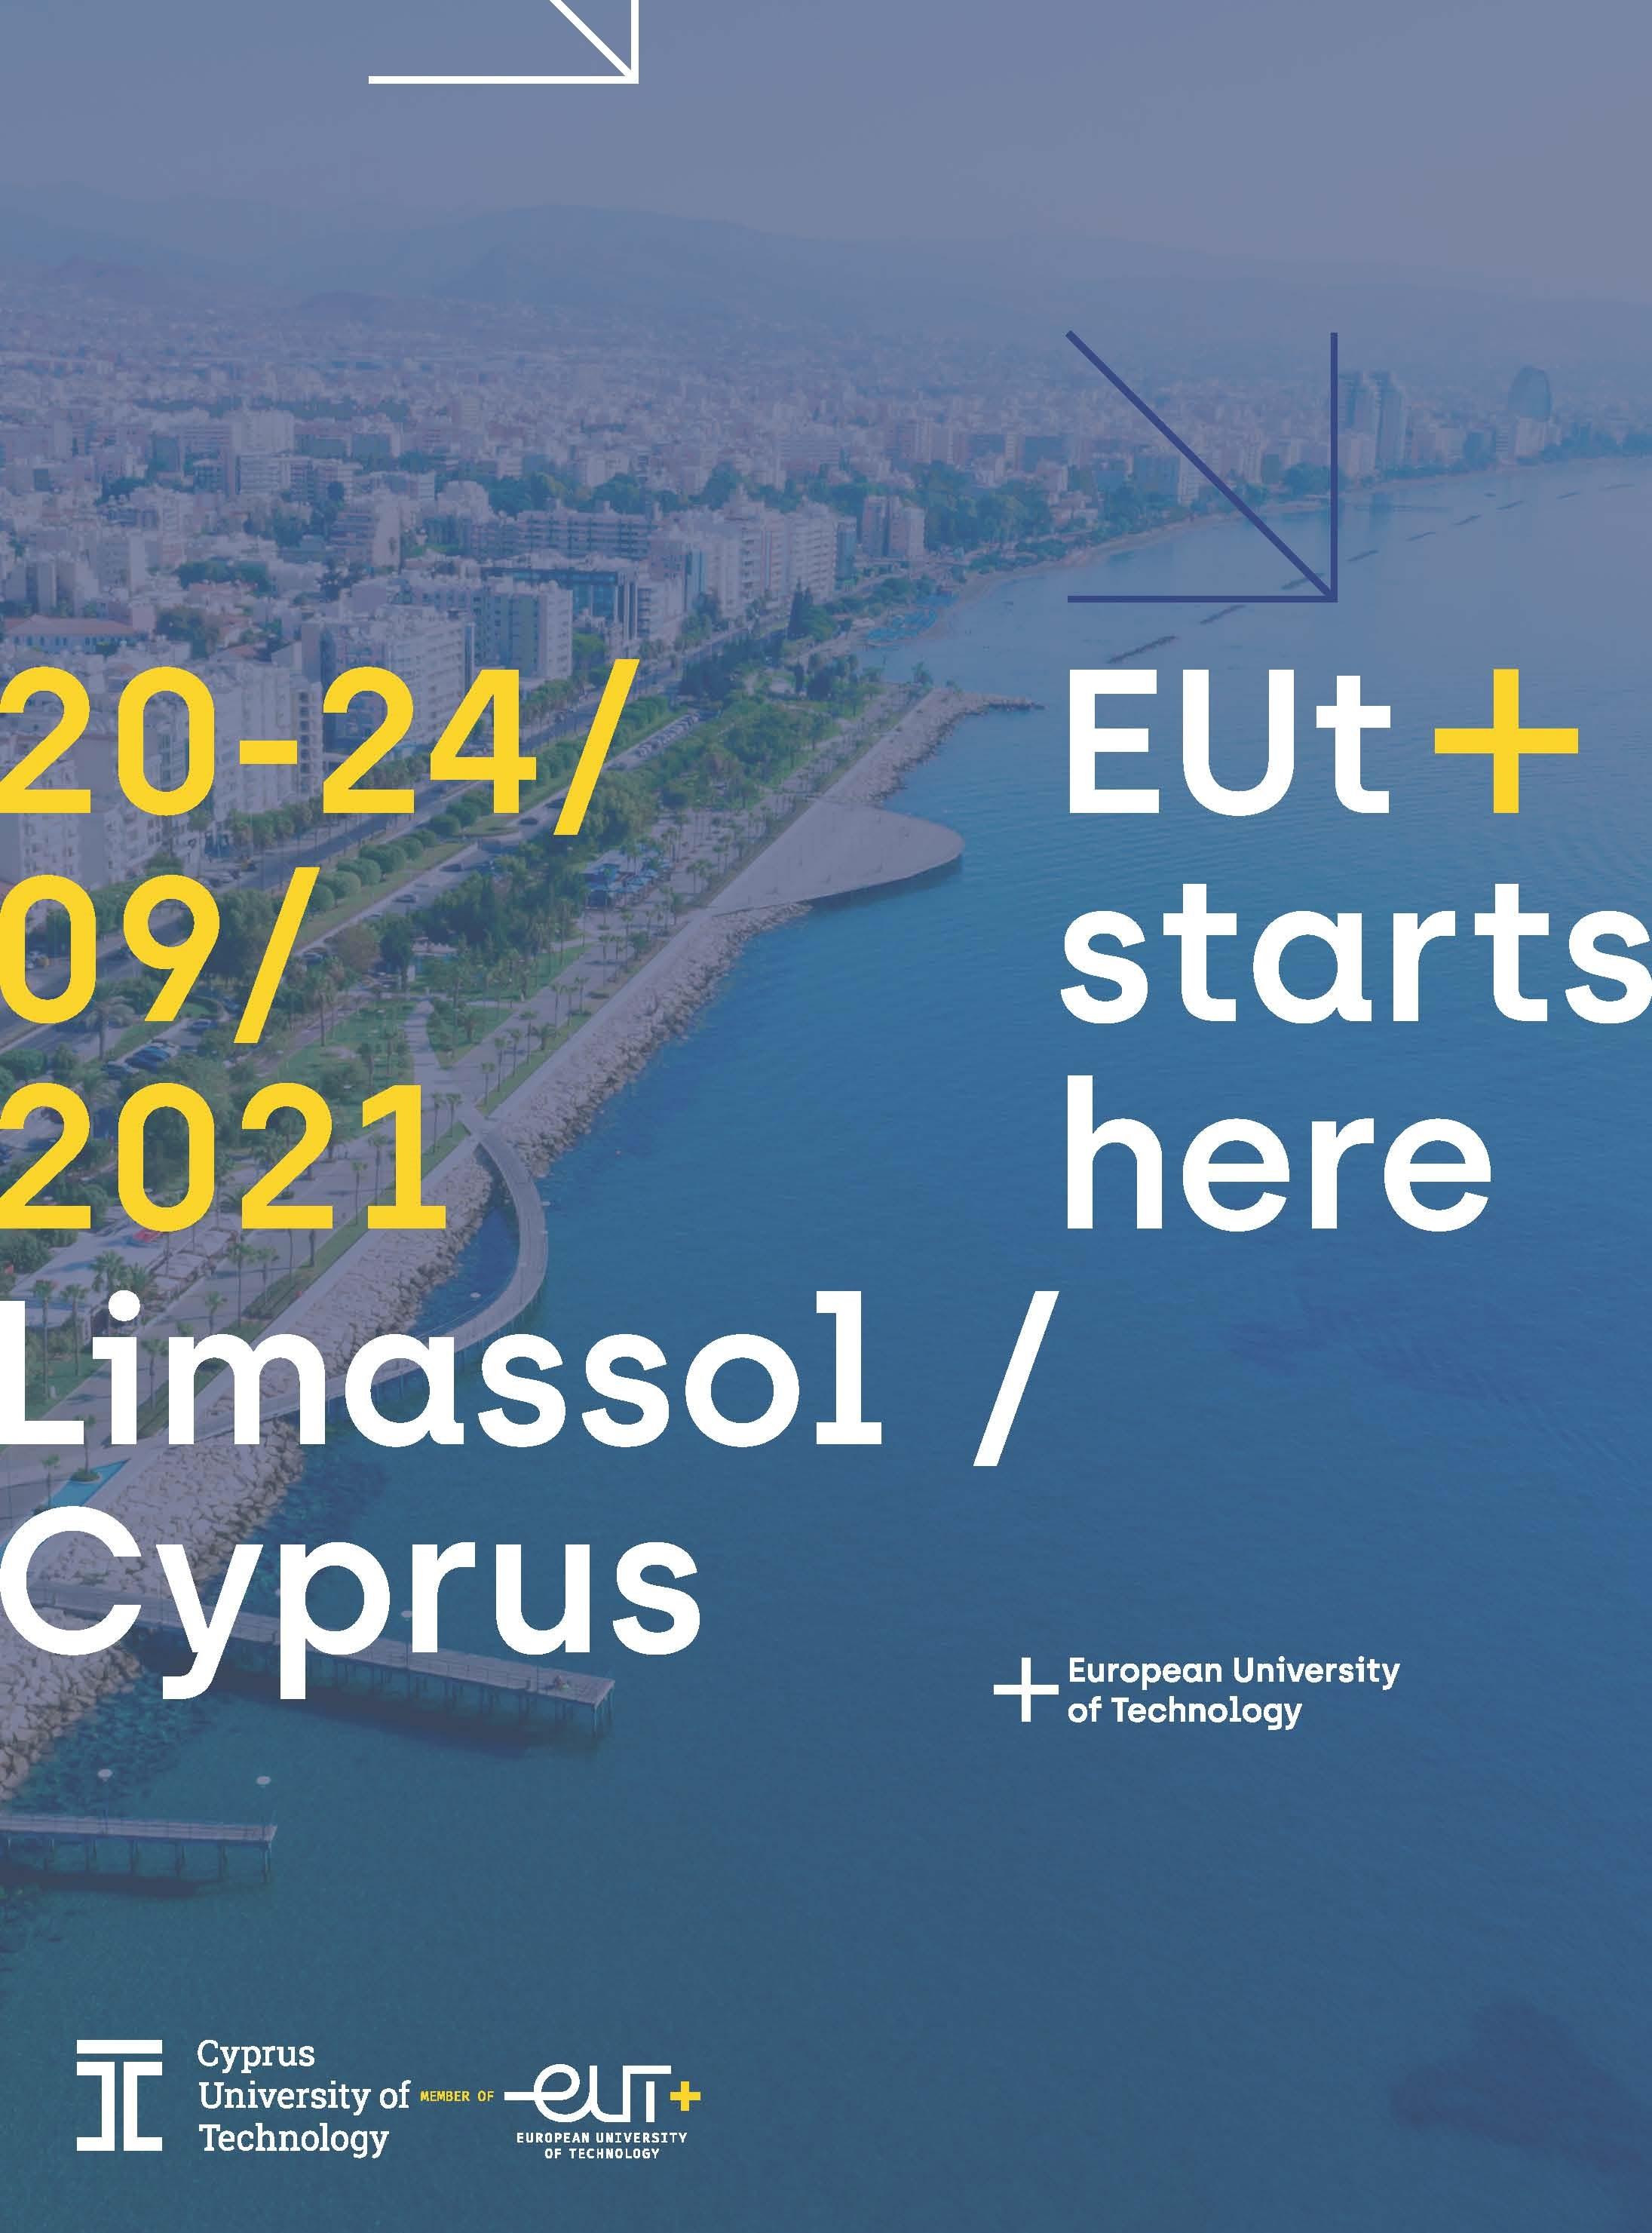 Το ΤΕΠΑΚ υποδέχεται τους 8 Πρυτάνεις της Συμμαχίας του «Ευρ. Τεχνολογικού Πανεπιστημίου - EUt+»